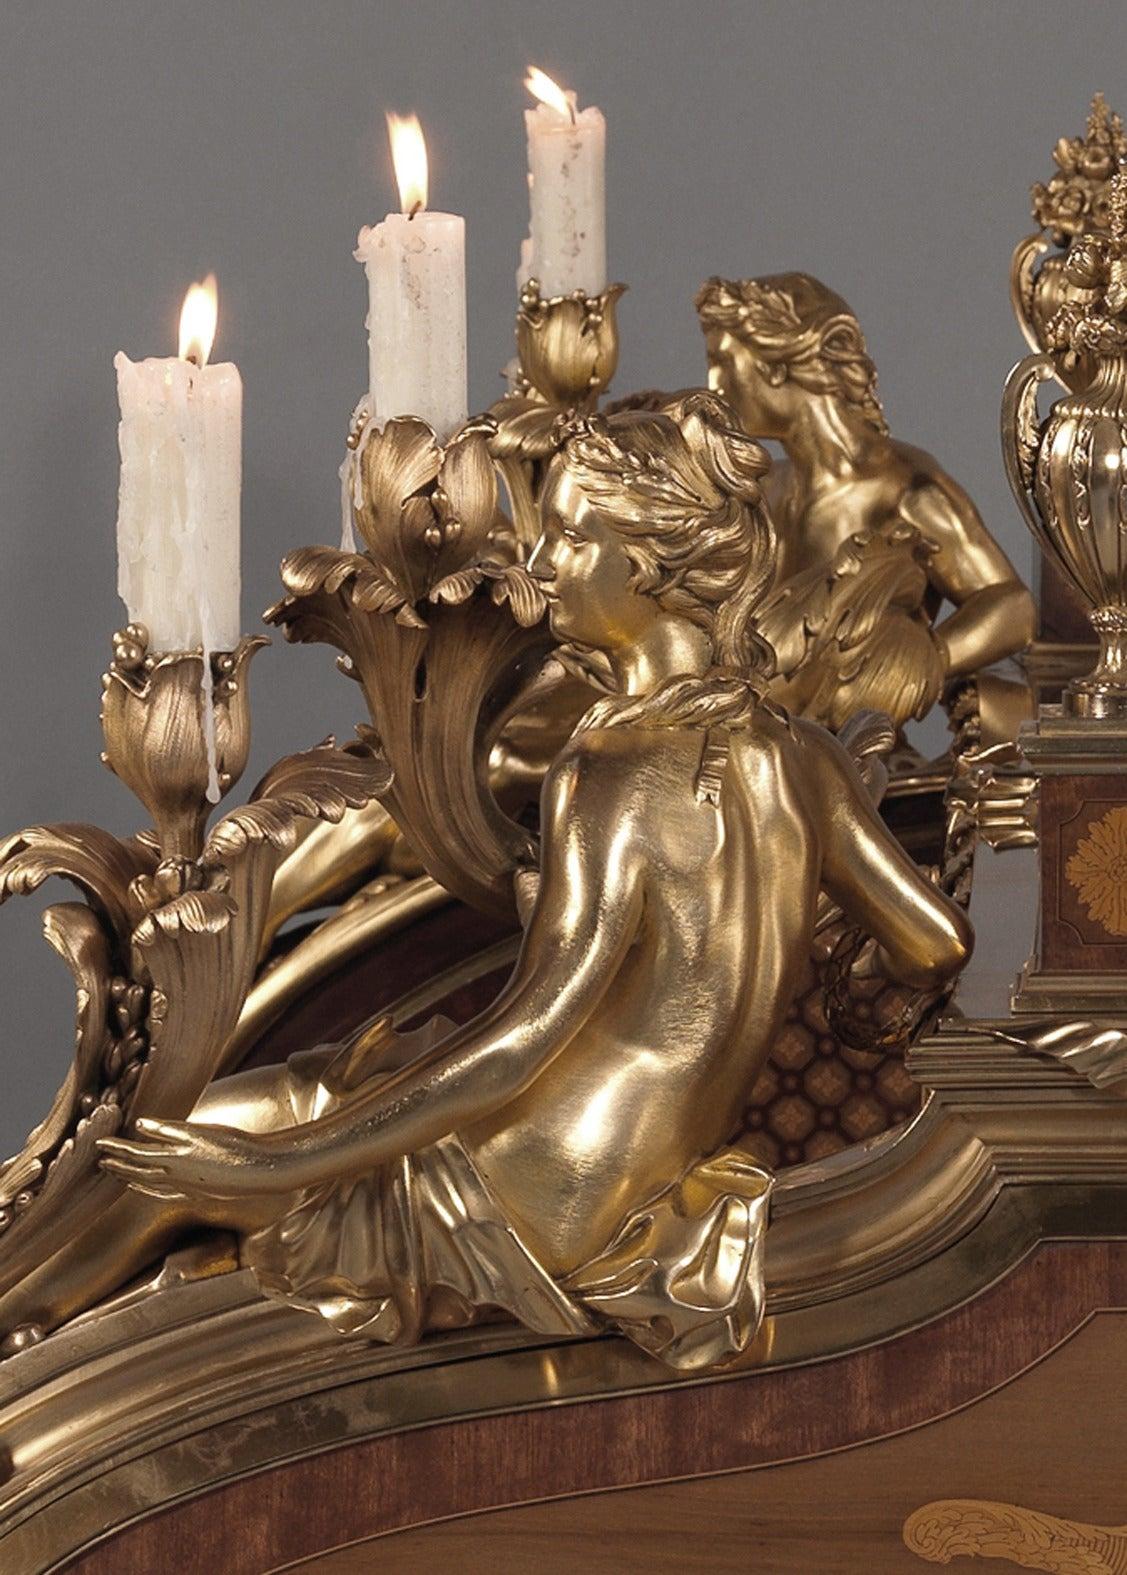 le bureau du roi a magnificent secr taire cylindre by. Black Bedroom Furniture Sets. Home Design Ideas